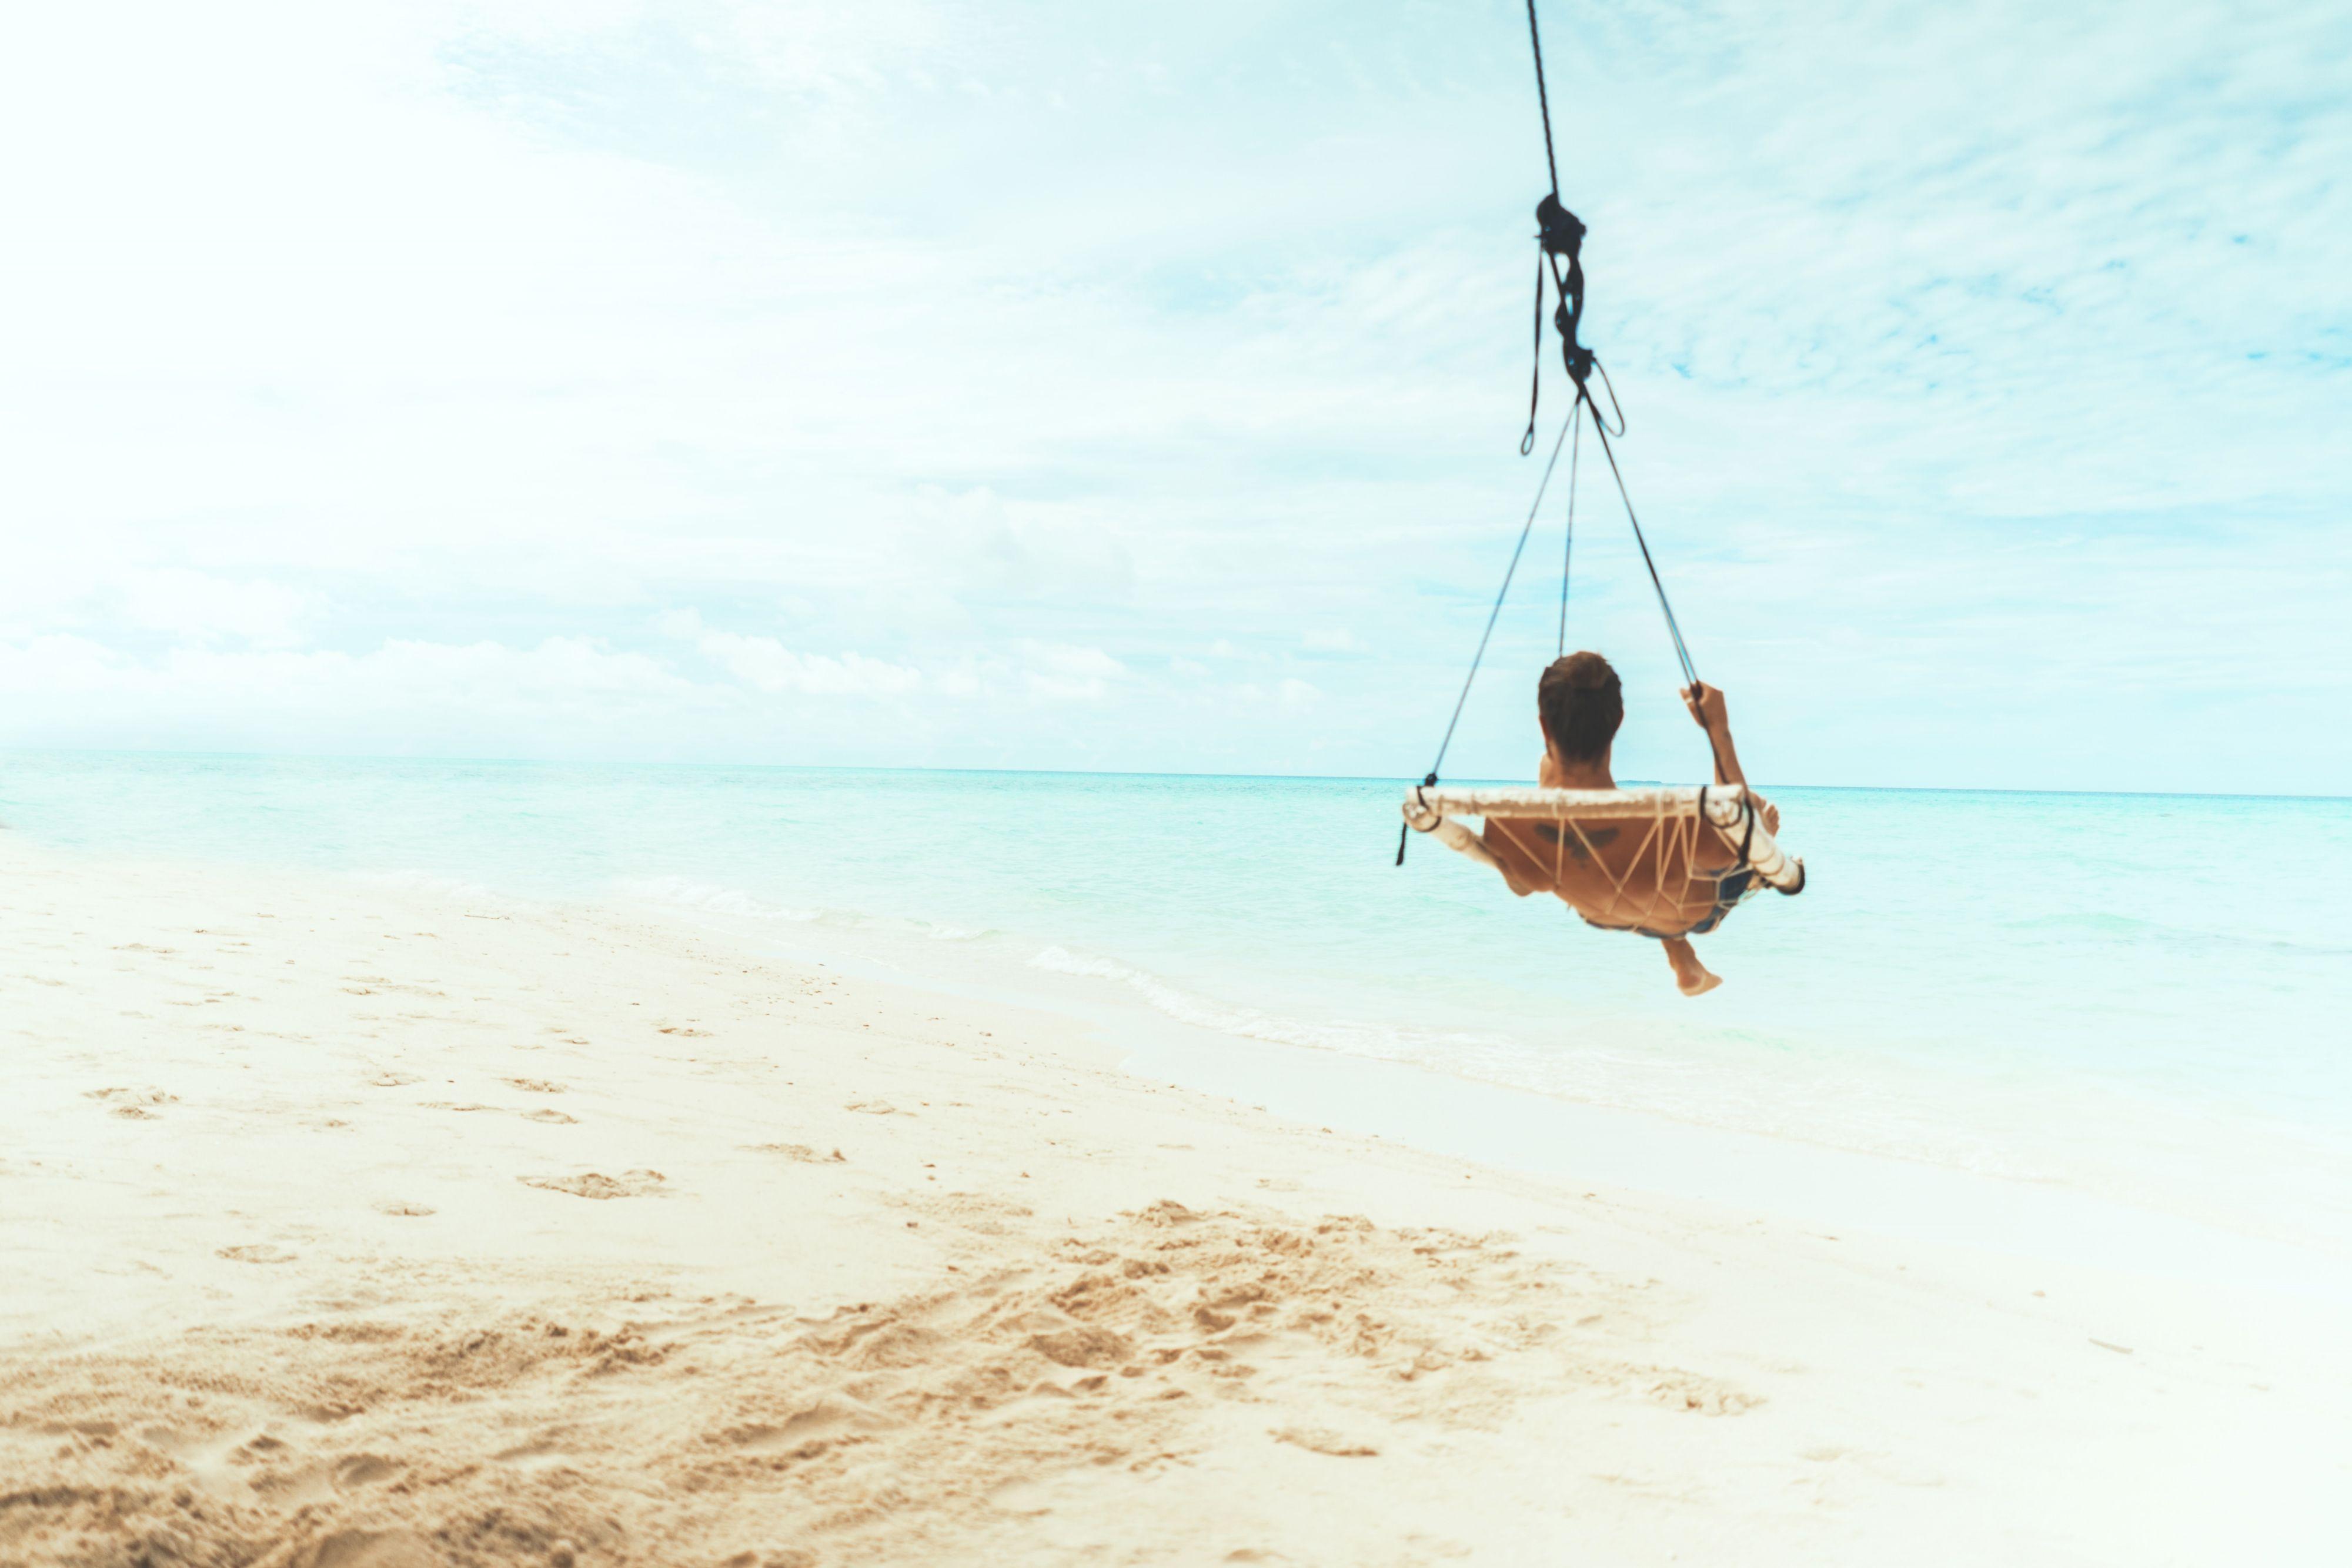 Vakantie is goed, maar je hoeft niet op reis